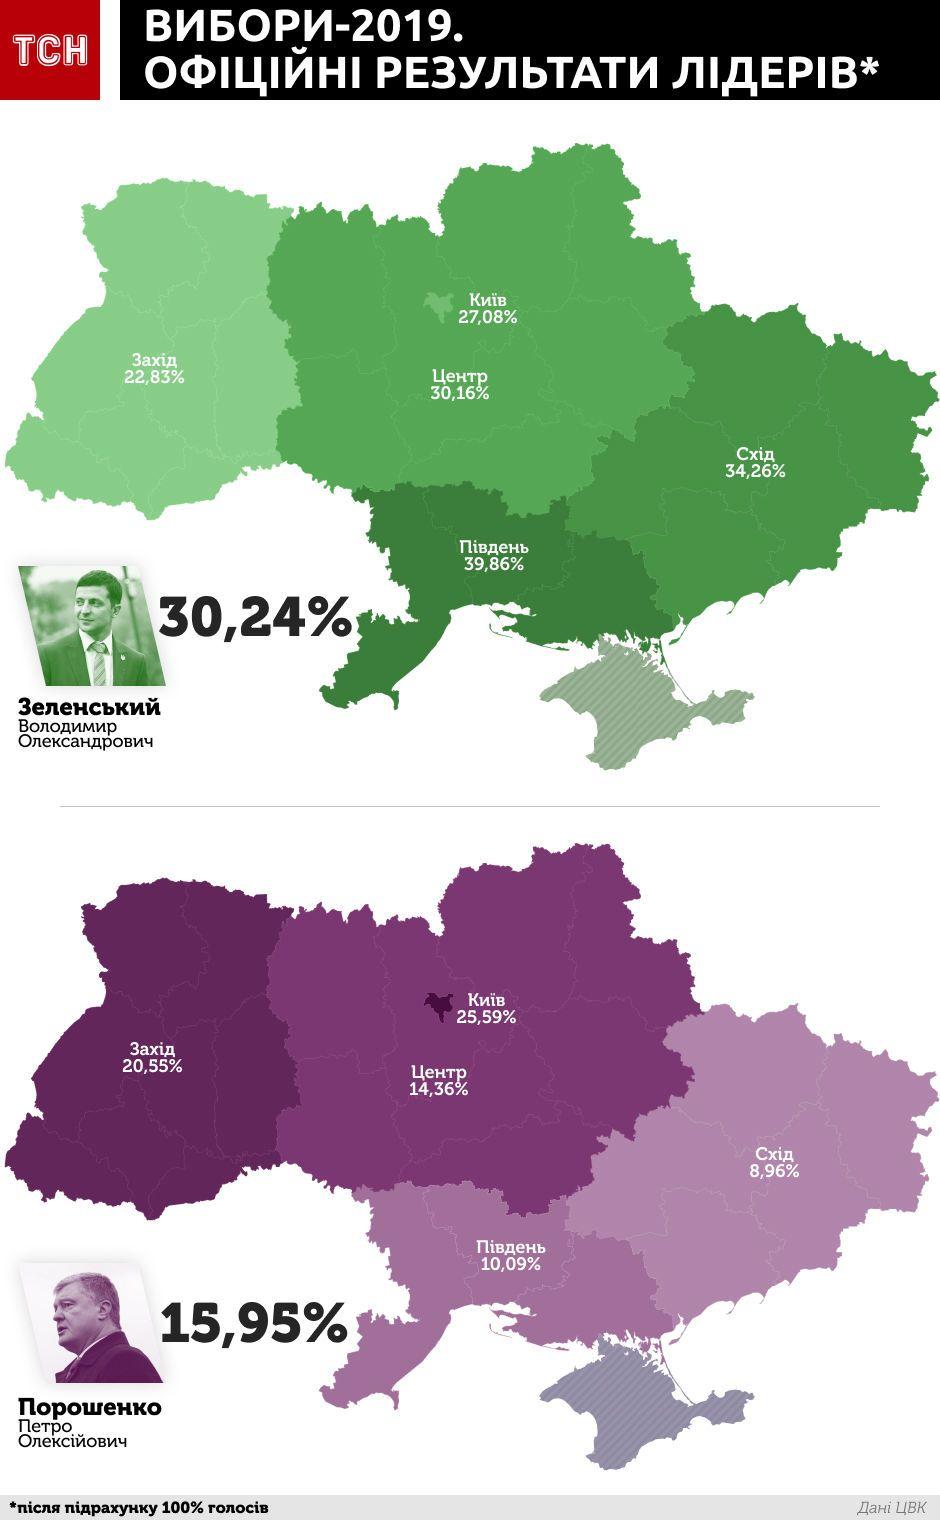 розподіл голосів за регіонами, Зеленський, Порошенко, інфографіка